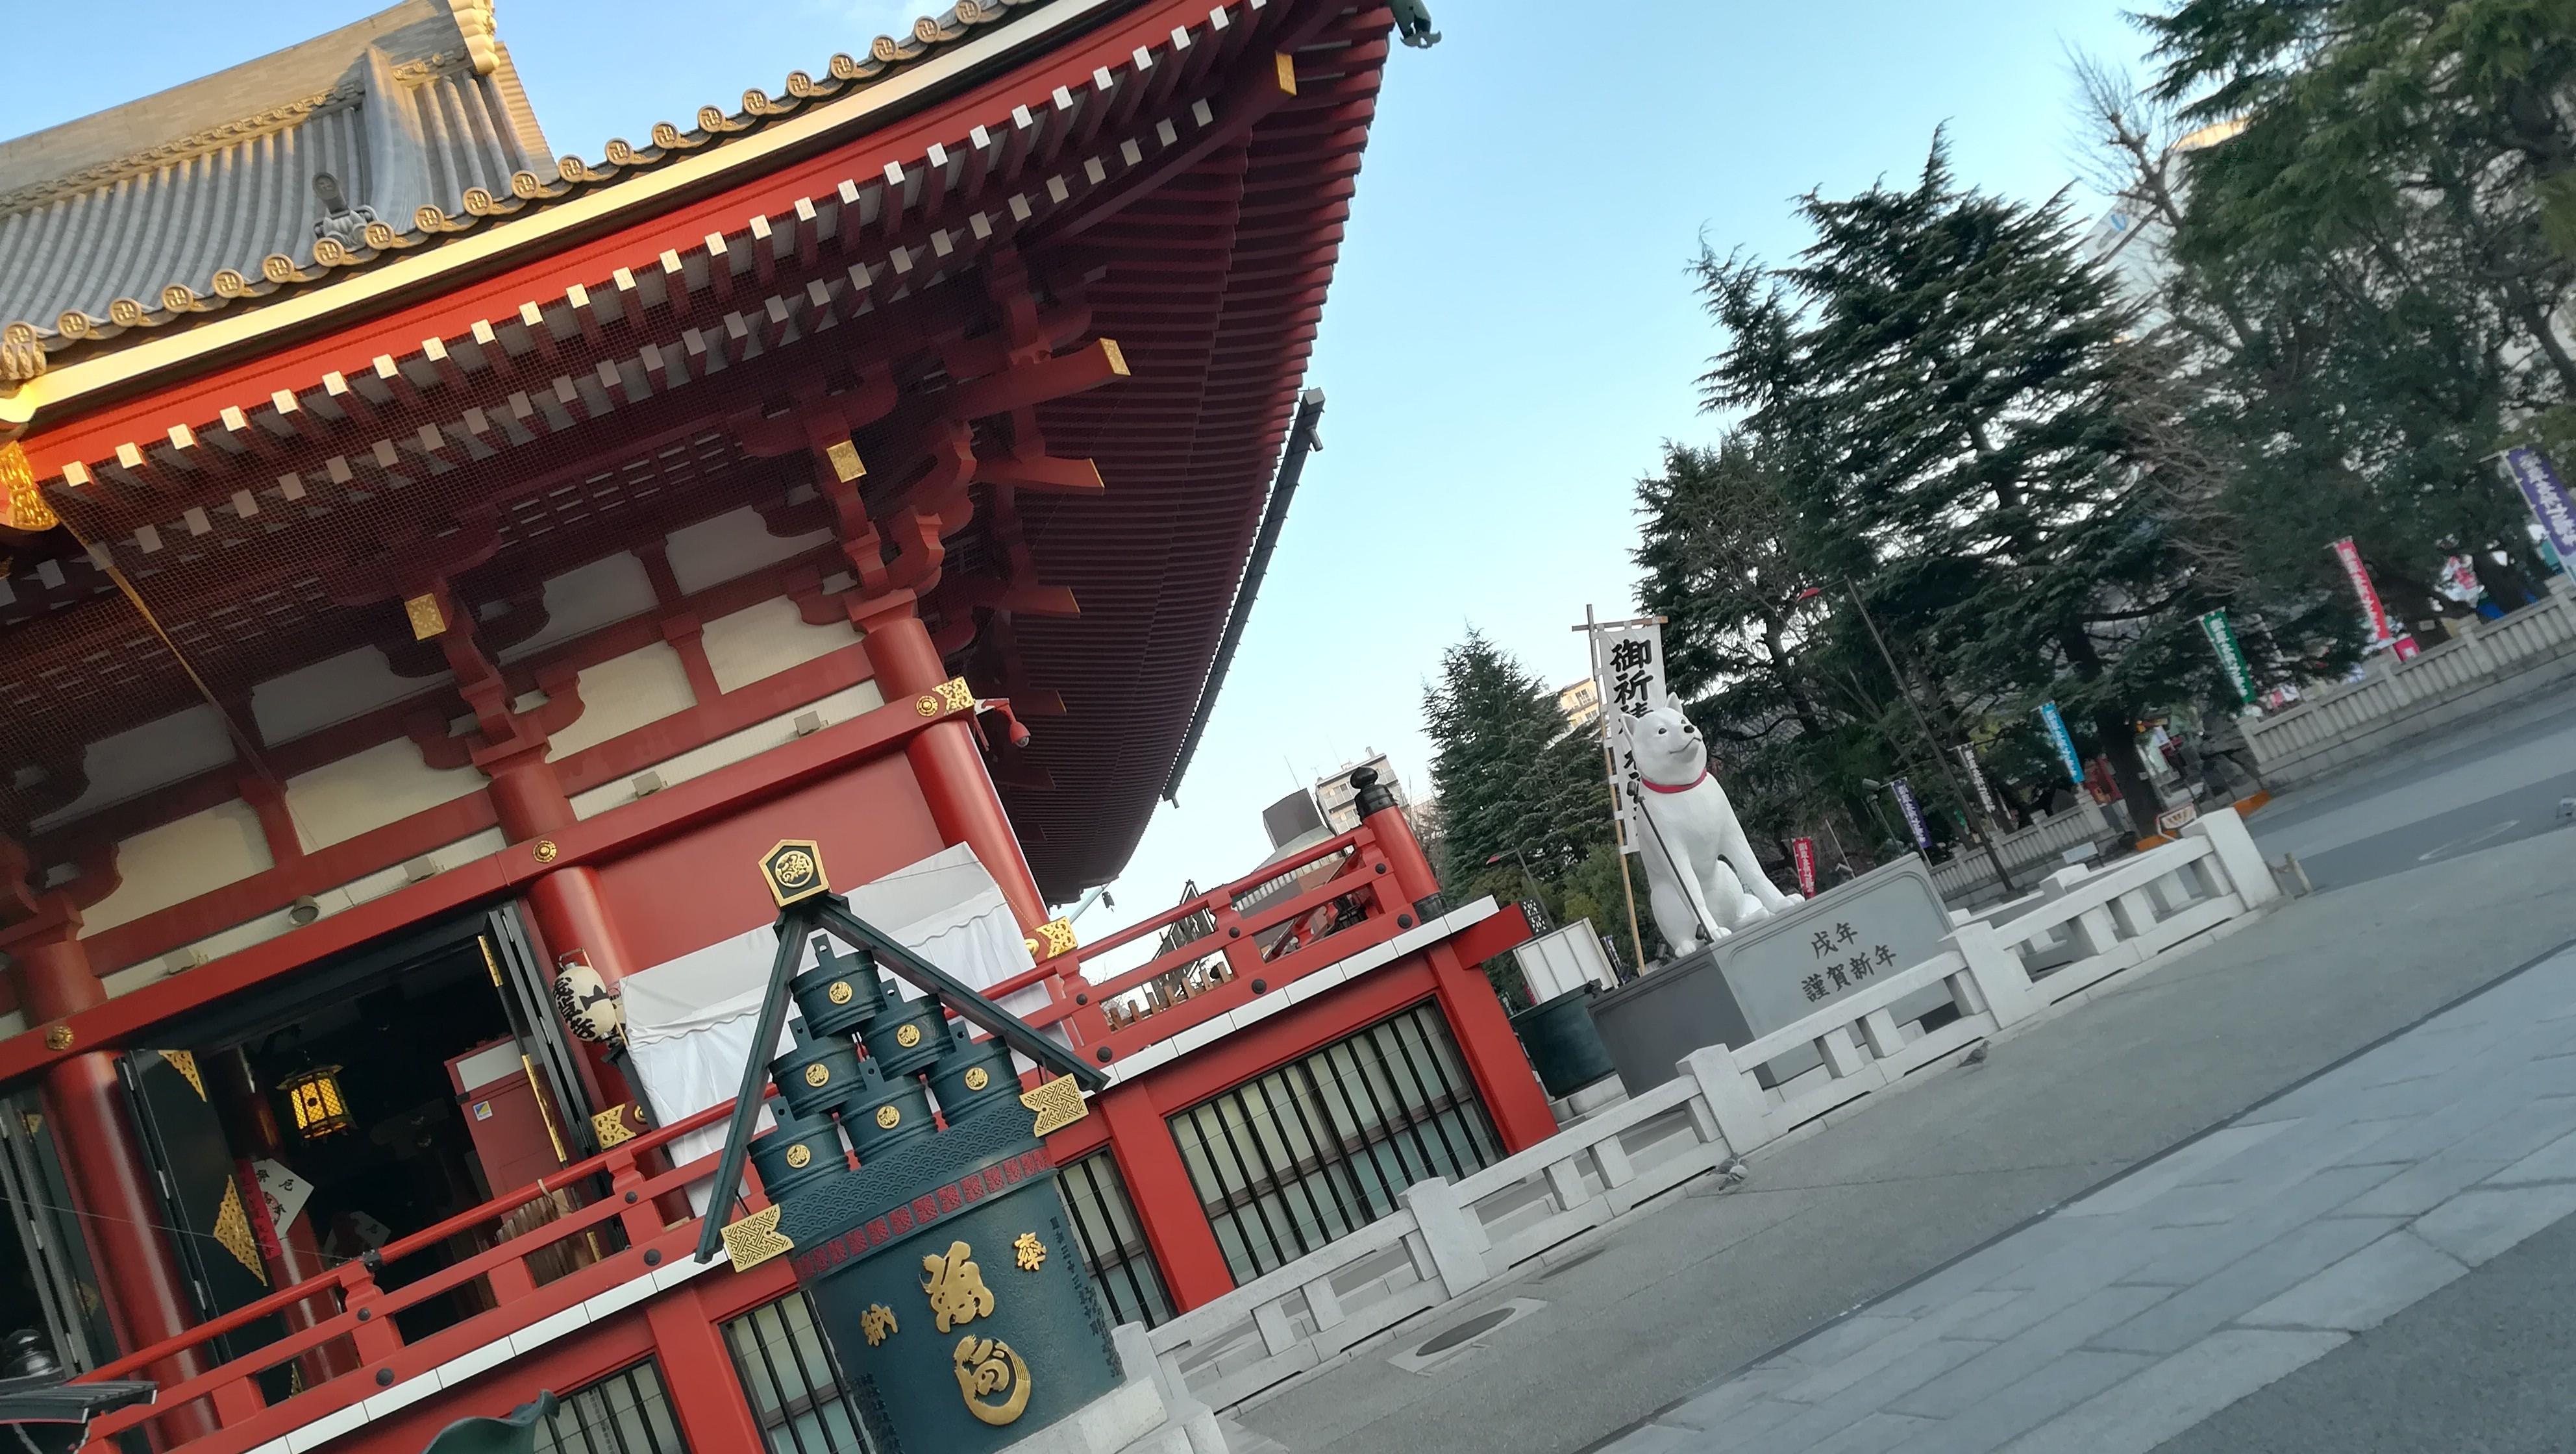 f:id:summer-jingu-stadium:20180106074303j:image